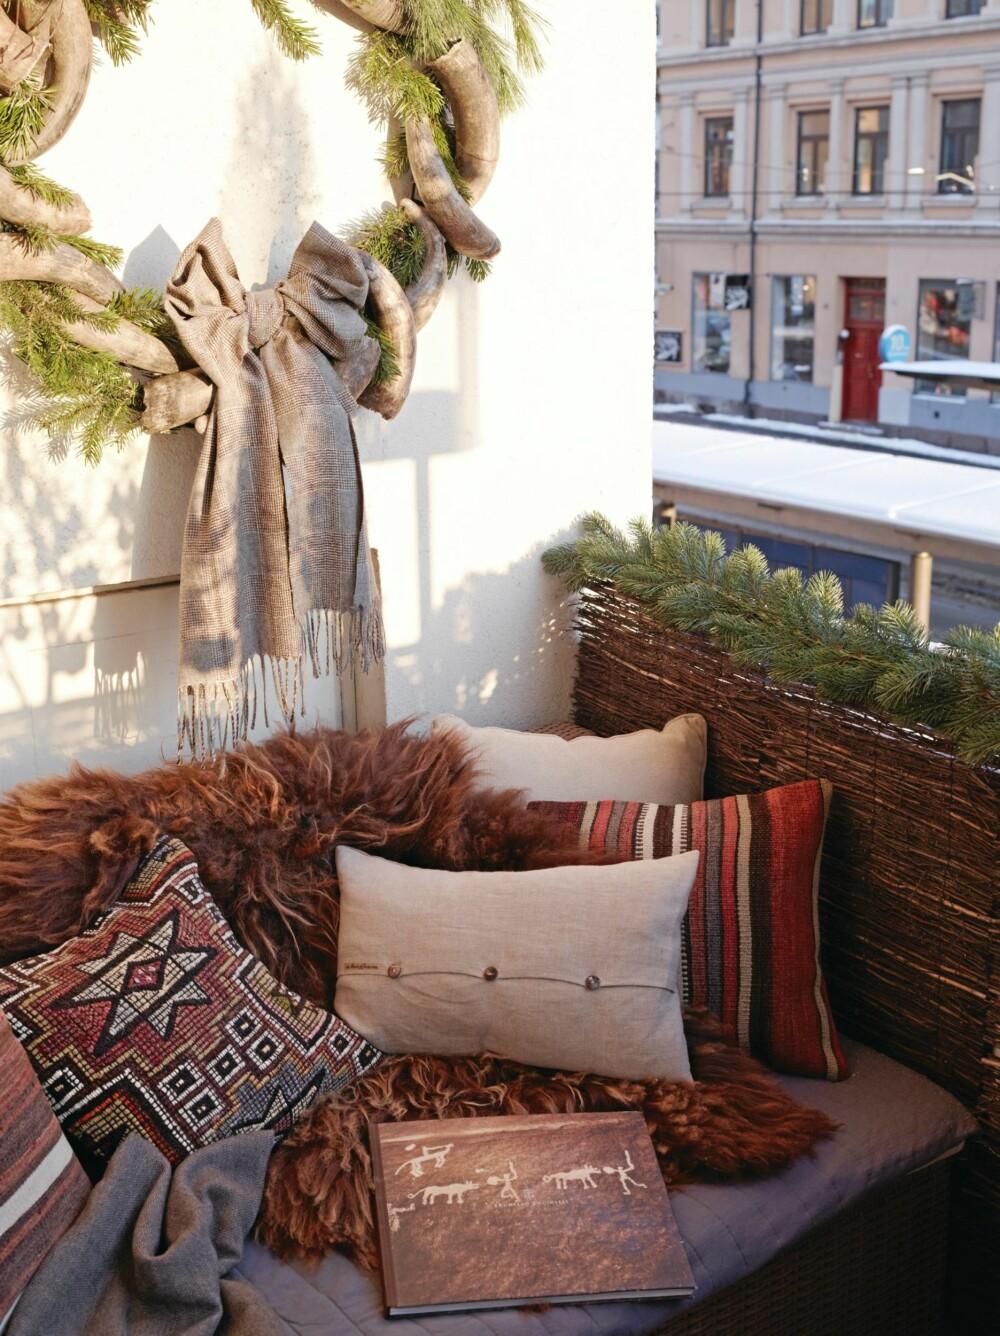 BALKONGEN: Den lille balkongen har plass til to modulstoler fra Ikea og et lavt bord. Med lave møbler sitter man mer skjermet for vind og innsyn. En ruvende krans i horn er pyntet med et vanlig ullskjerf og piletre. Kelimputer fra Celine Maktabi, lys linpute fra Konzept HP, og saueskinn fra Palma.